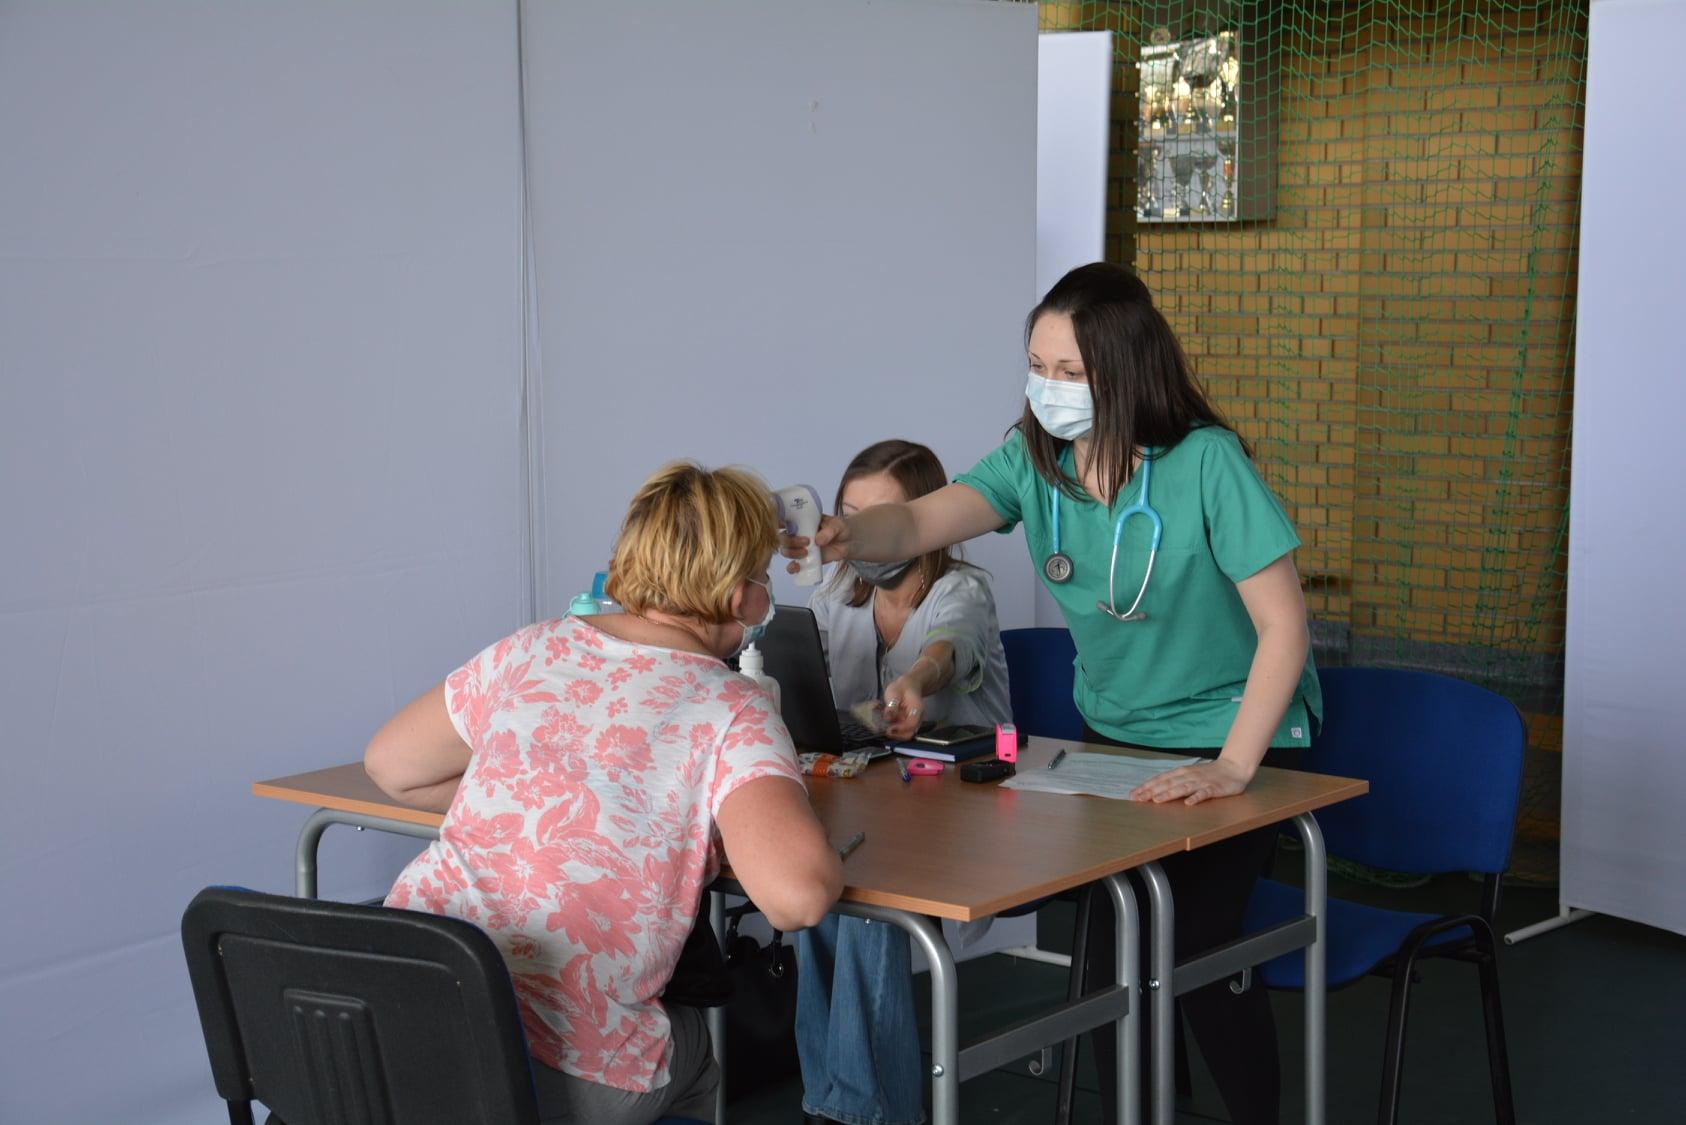 Powiat pleszewski. Mieszkańcy szczepią się przeciwko koronawirusowi. W sali ZST otwarto Punkt Szczepień Powszechnych - Zdjęcie główne